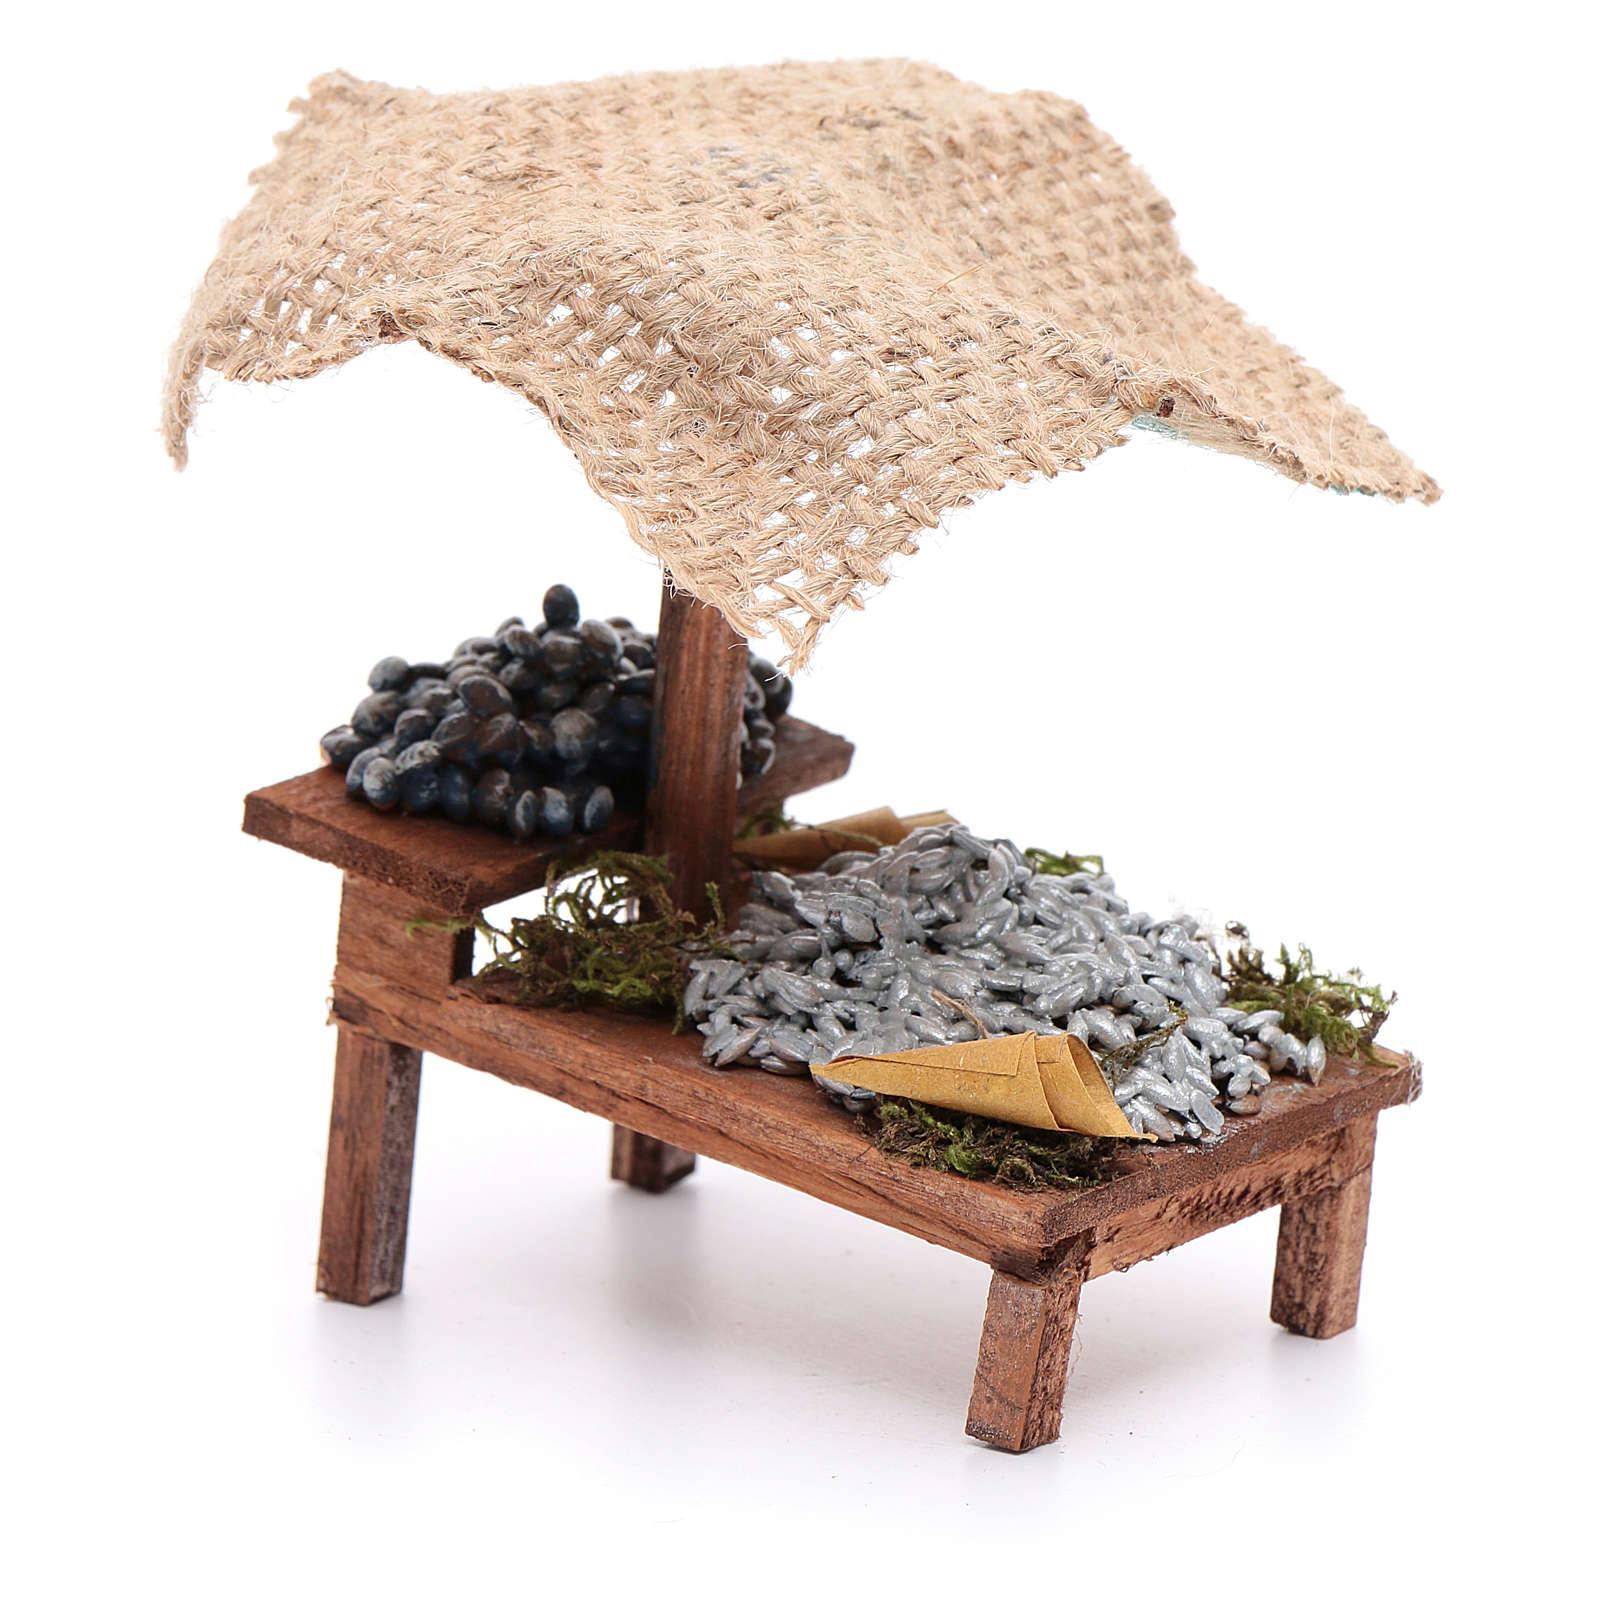 Banchetto pesciolini 10x10x5 cm 4